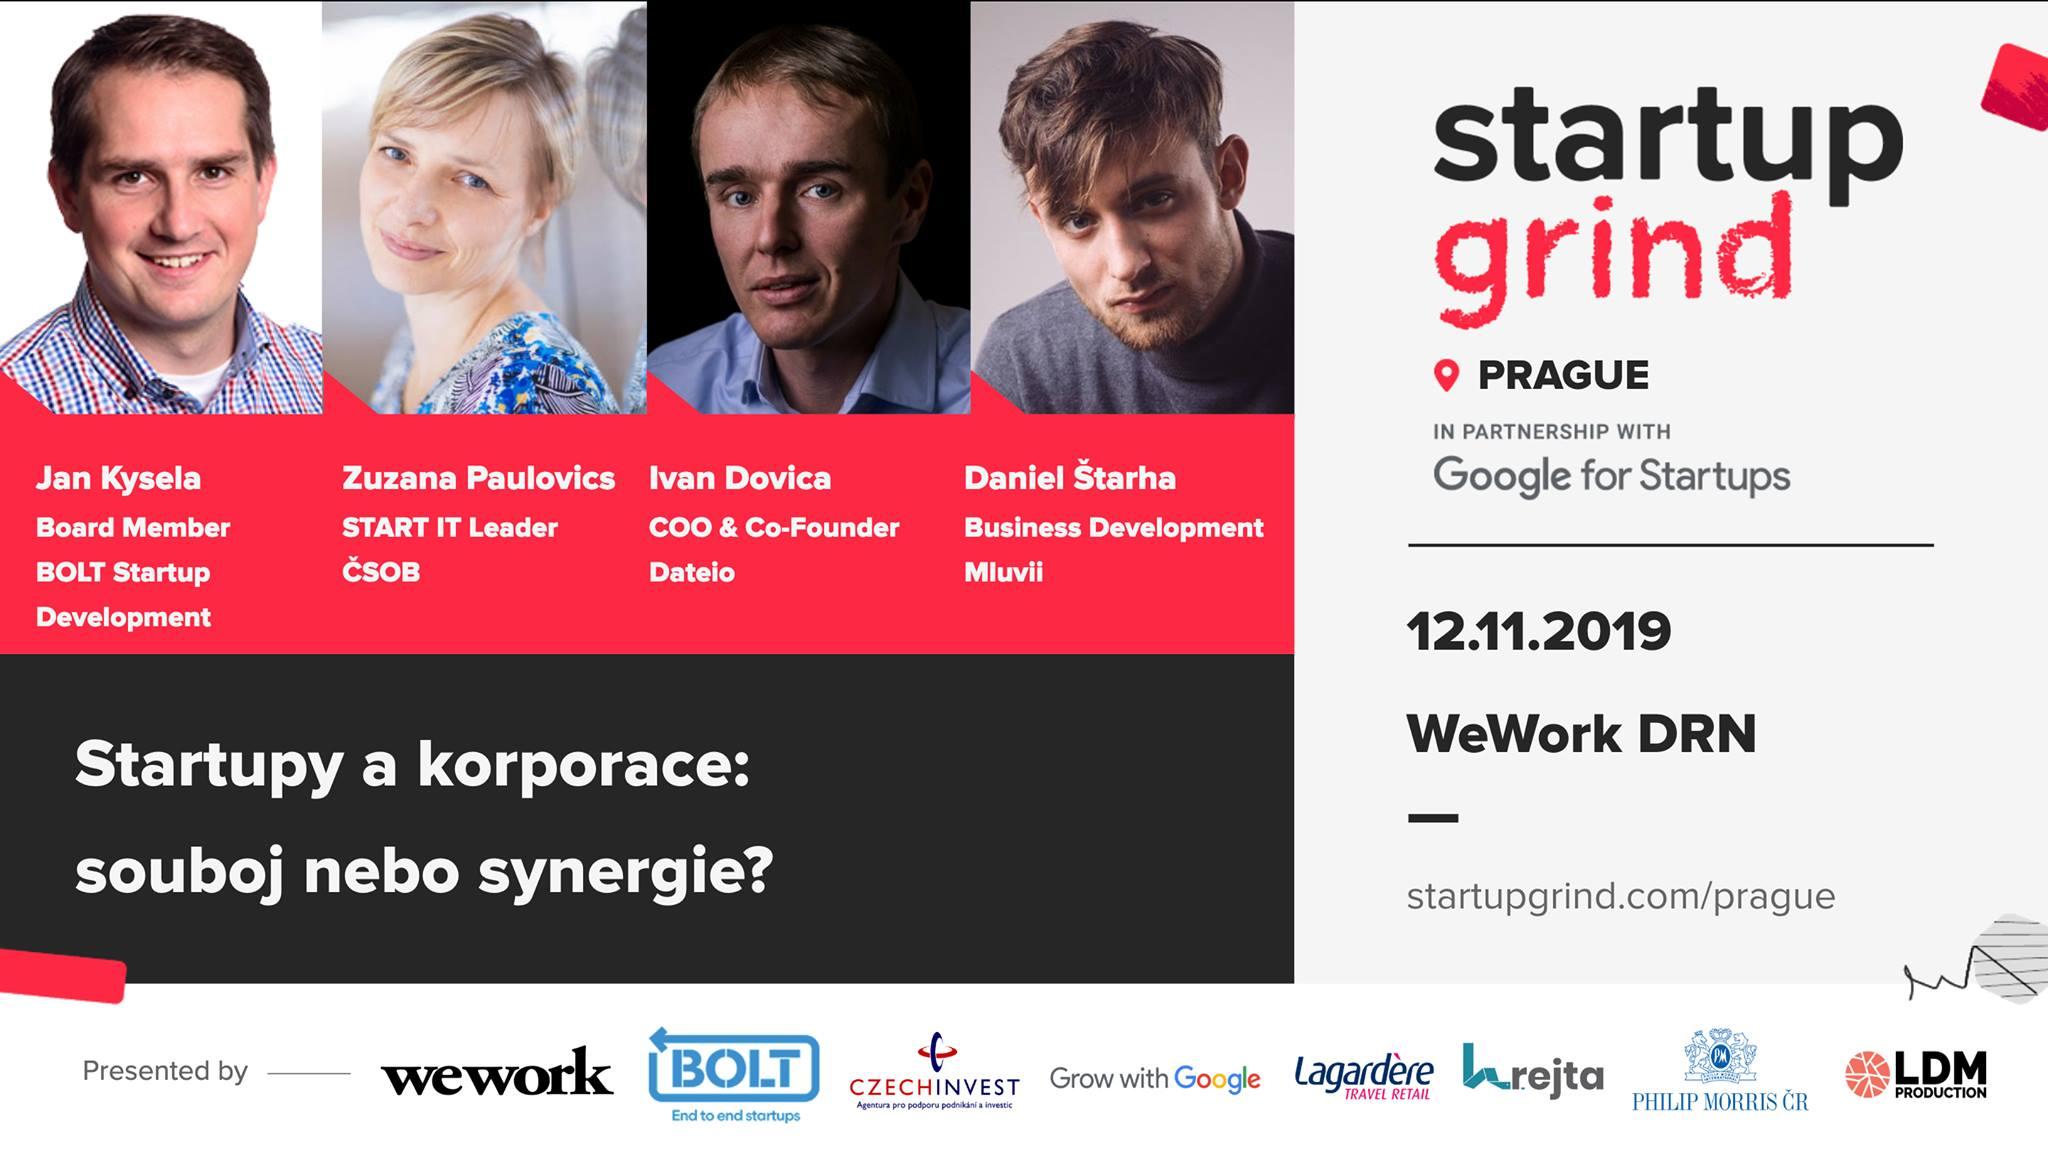 Startupy a korporace: souboj nebo synergie?